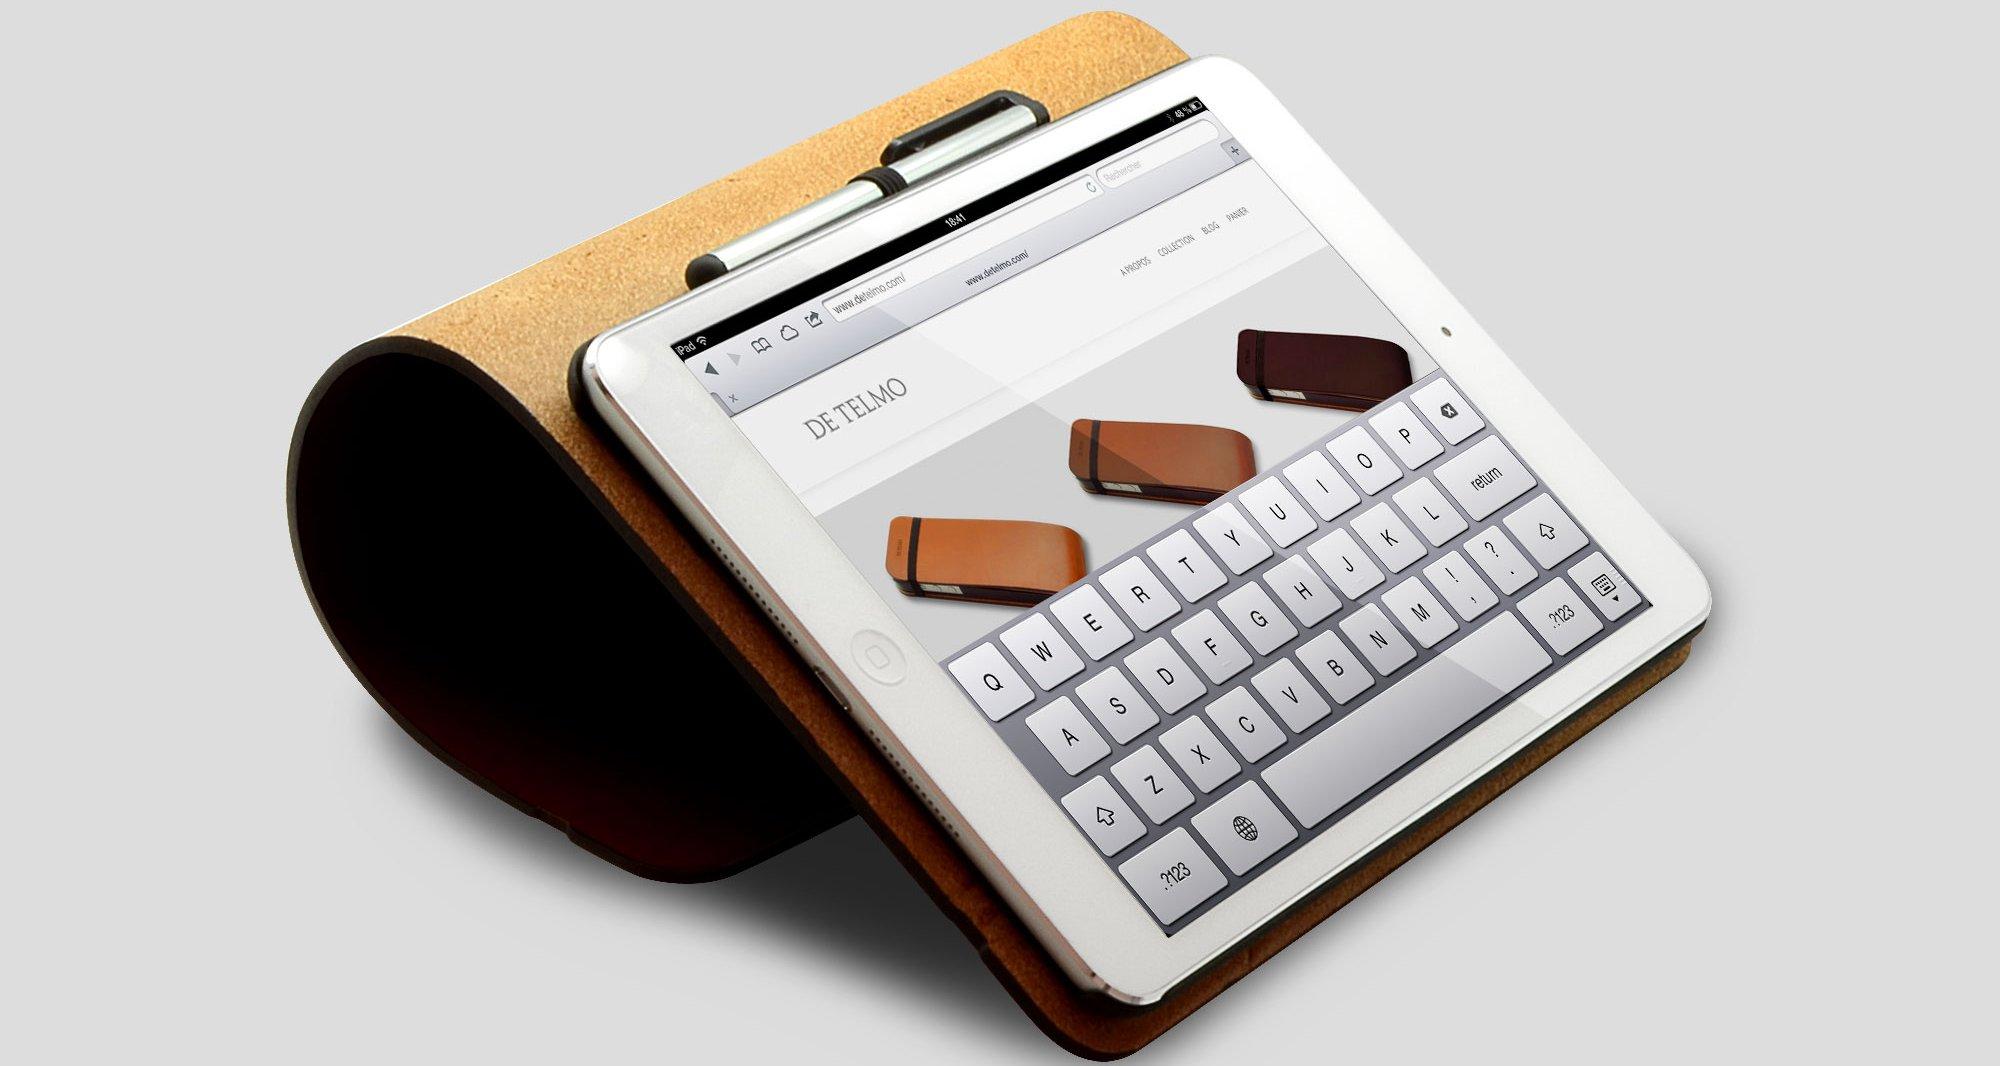 [Housses] De Telmo : housse de luxe en cuir pour iPhone ou iPad / iPad mini